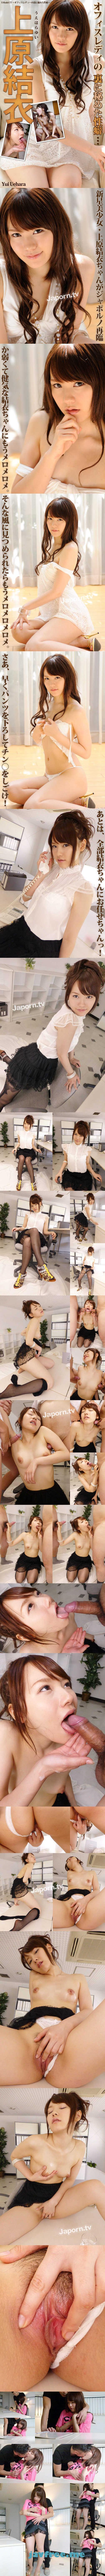 [SMD 77] S Model 77 ~オフィスレディーの裏に秘めた性癖~ : 上原結衣  上原結衣 Yui Uehara SMD